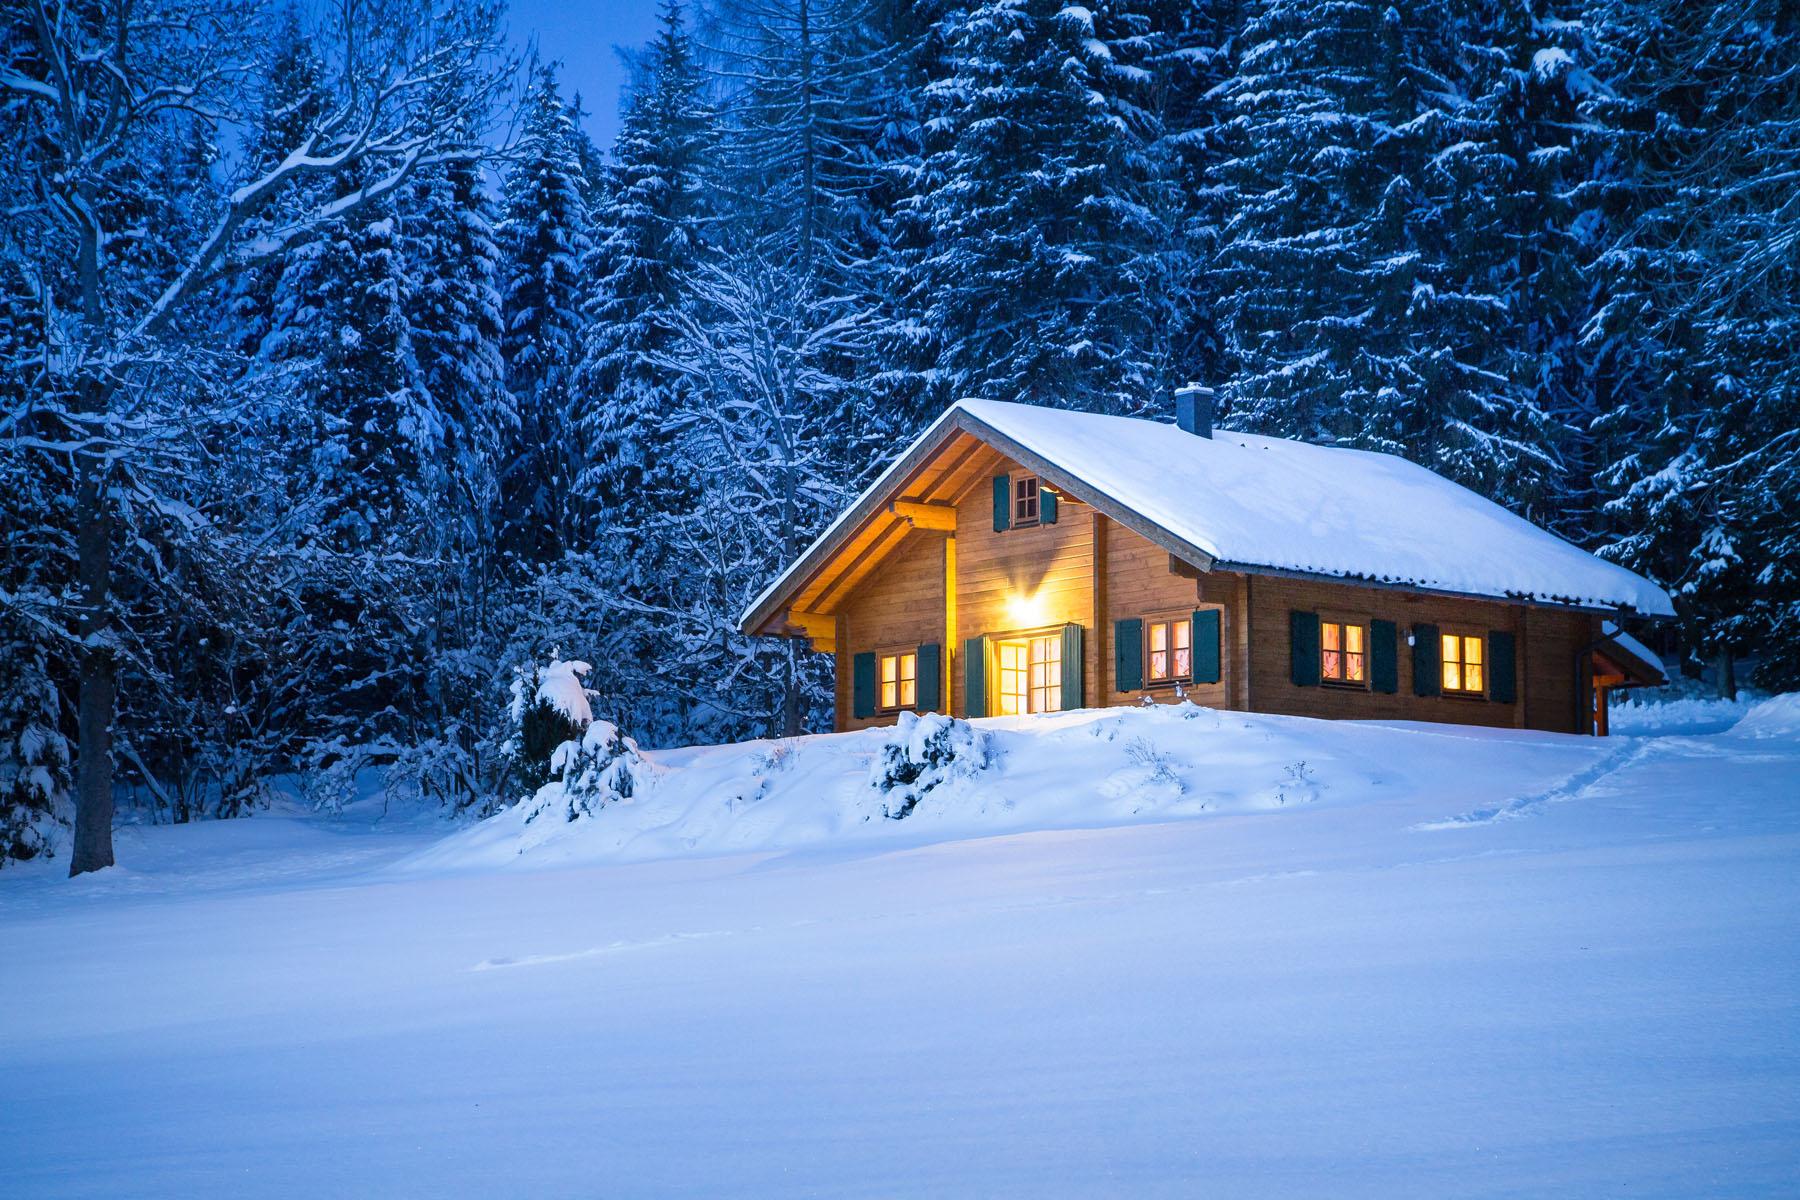 Waldhaus Winter 3